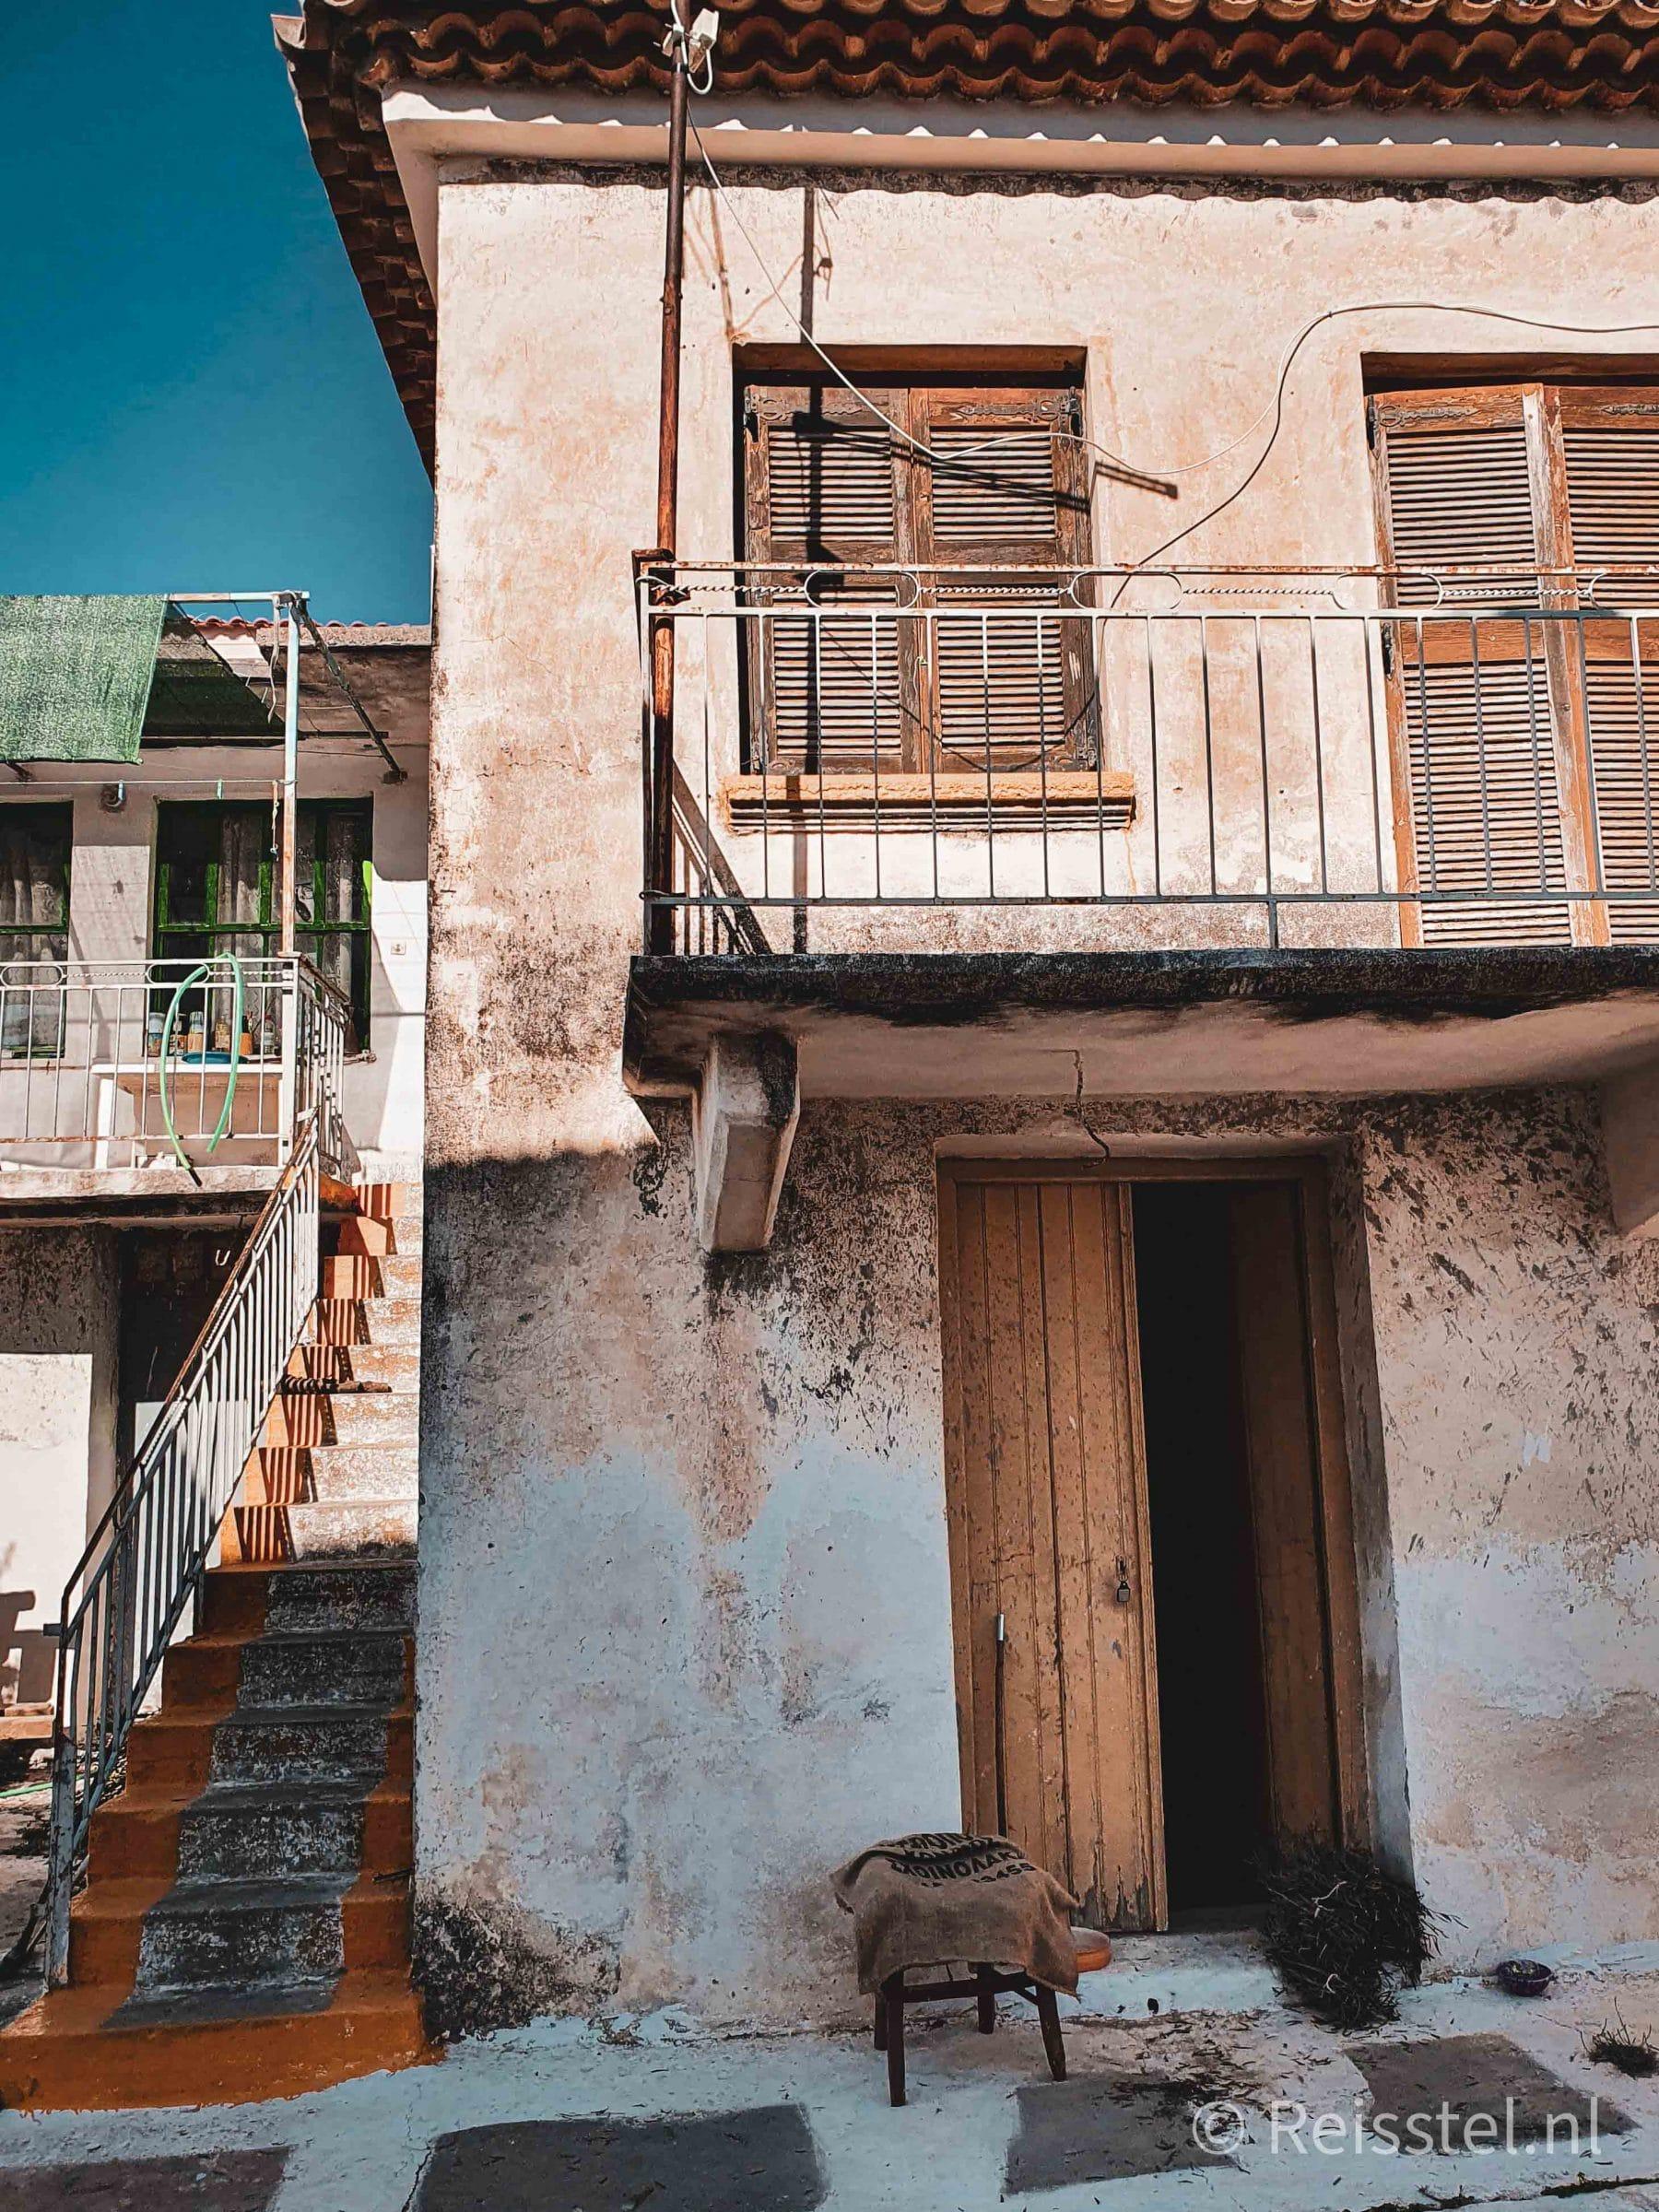 Reisstel.nl | dagelijks leven tijdens de lockdown in Griekenland | Grieks dorpje verlaten